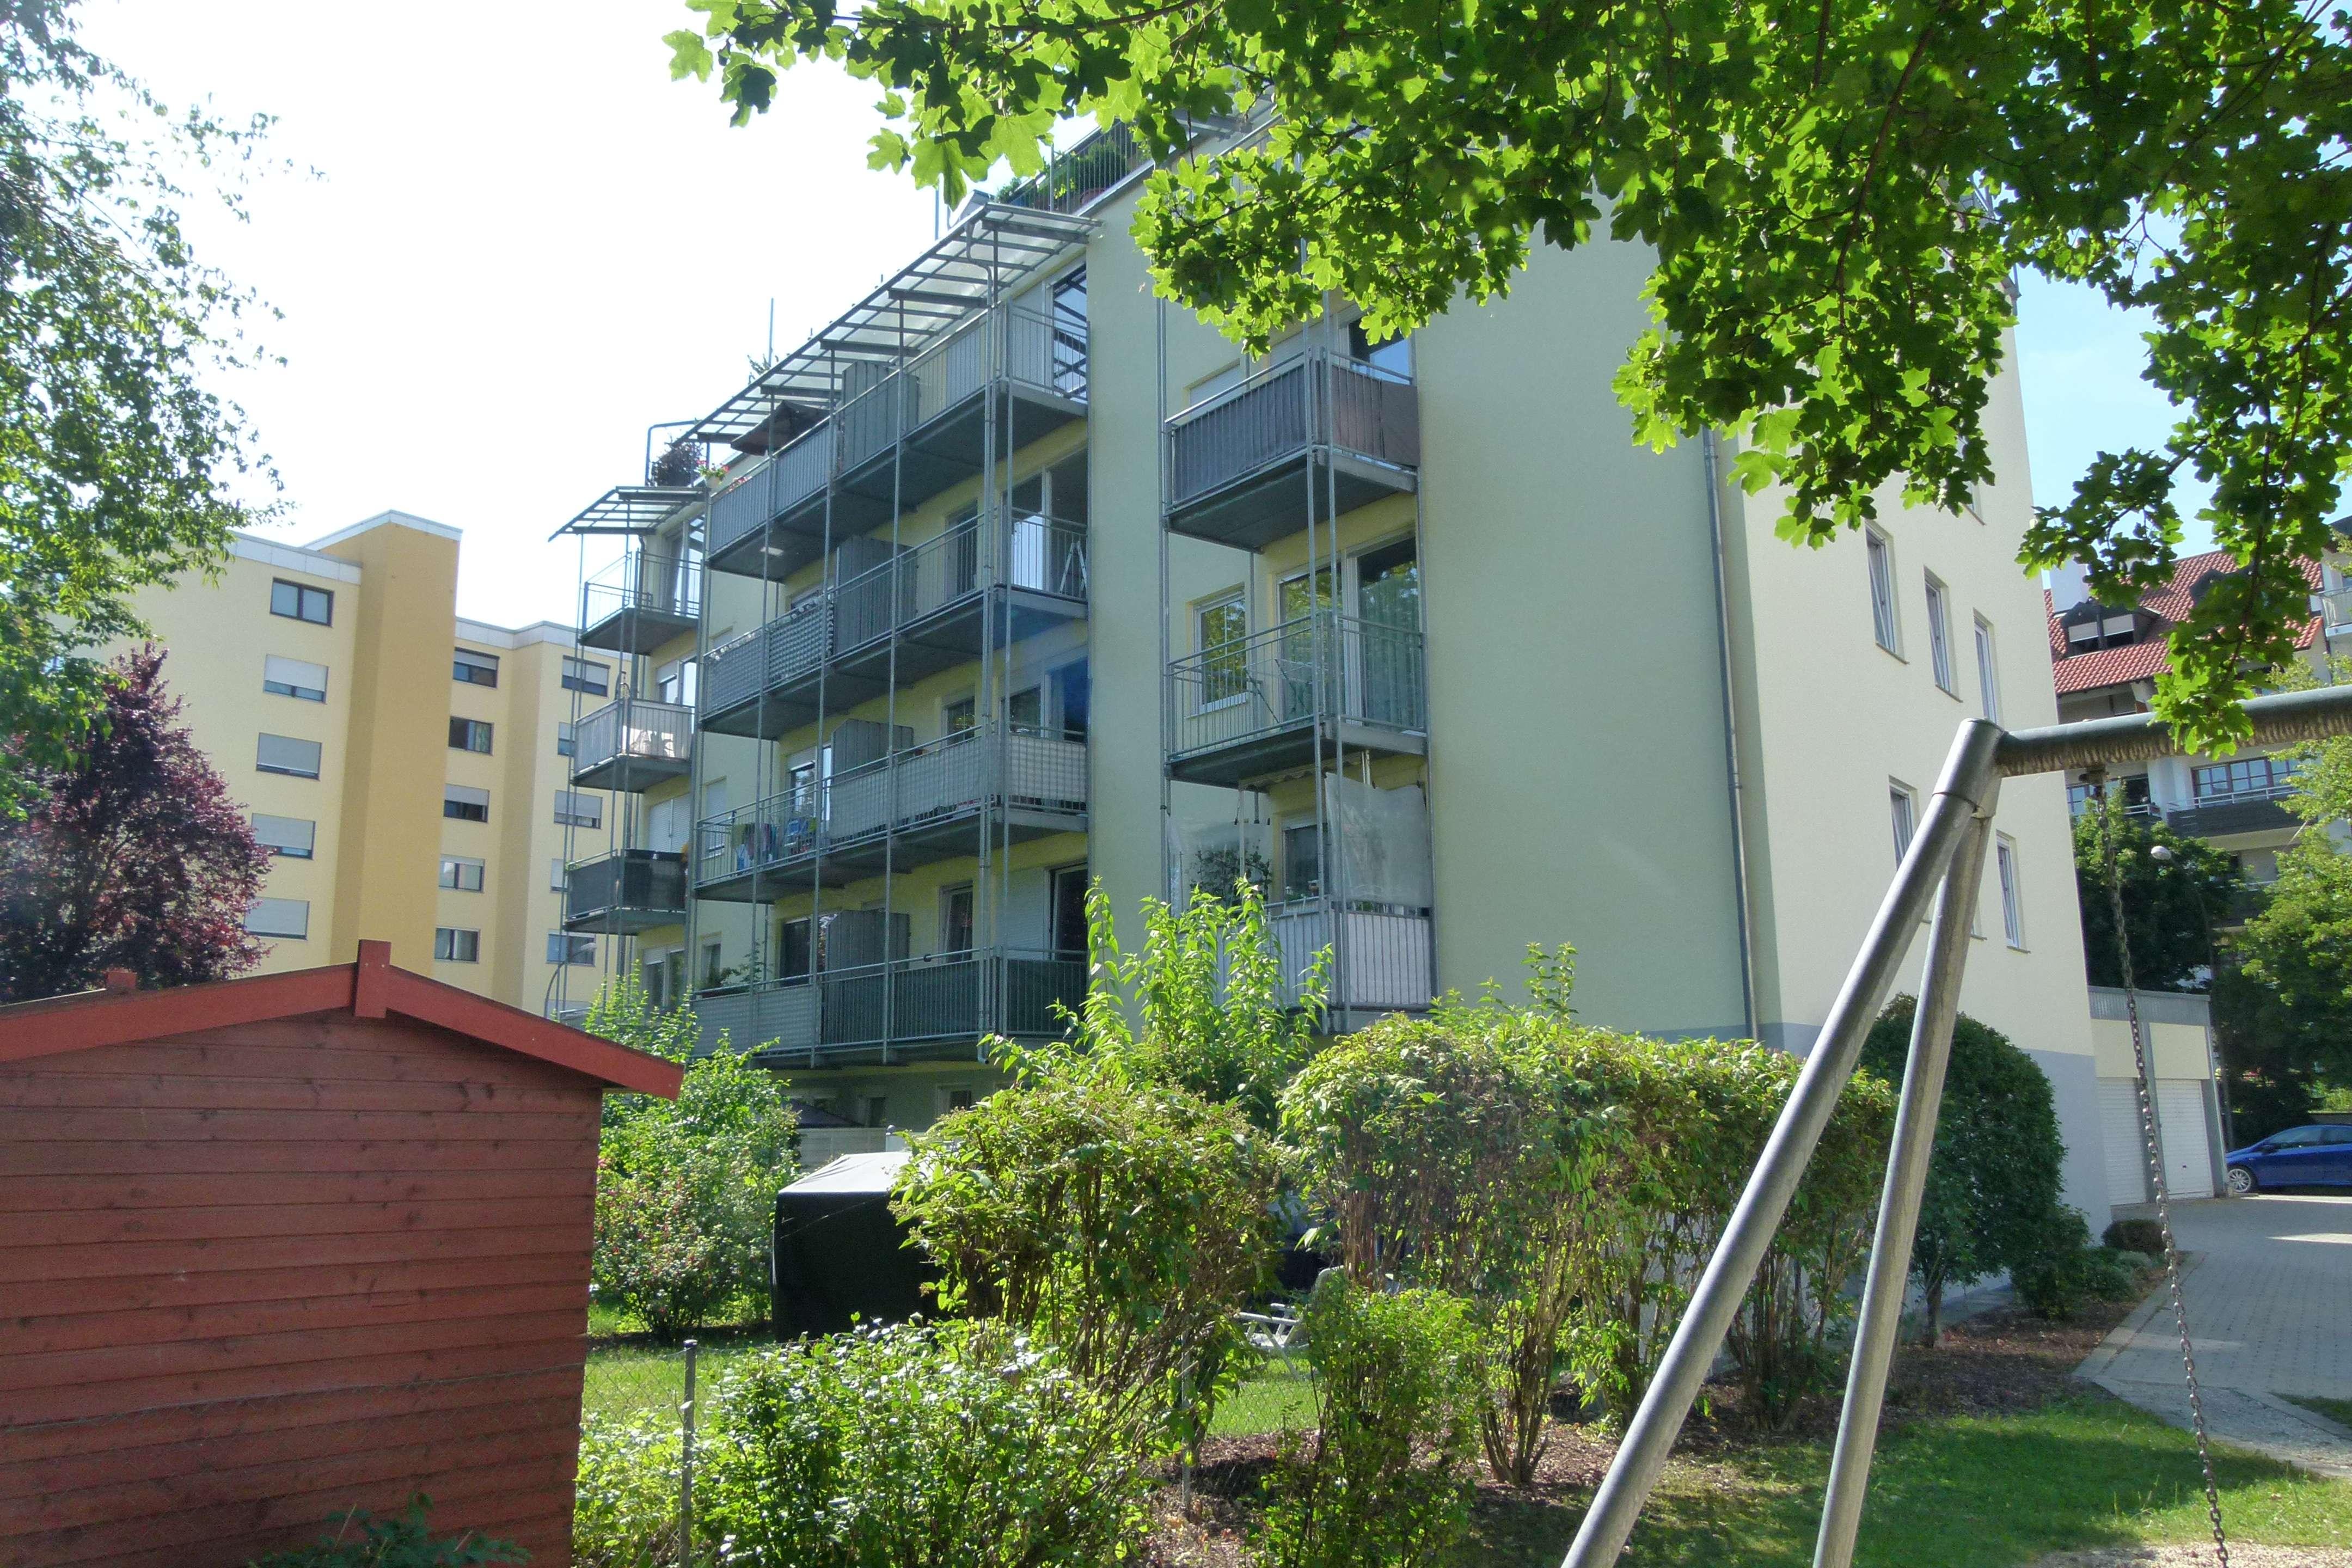 Hervorragend geschnittene 2-Zimmer-Wohnung, Keller, Balkon nahe Bahnhof